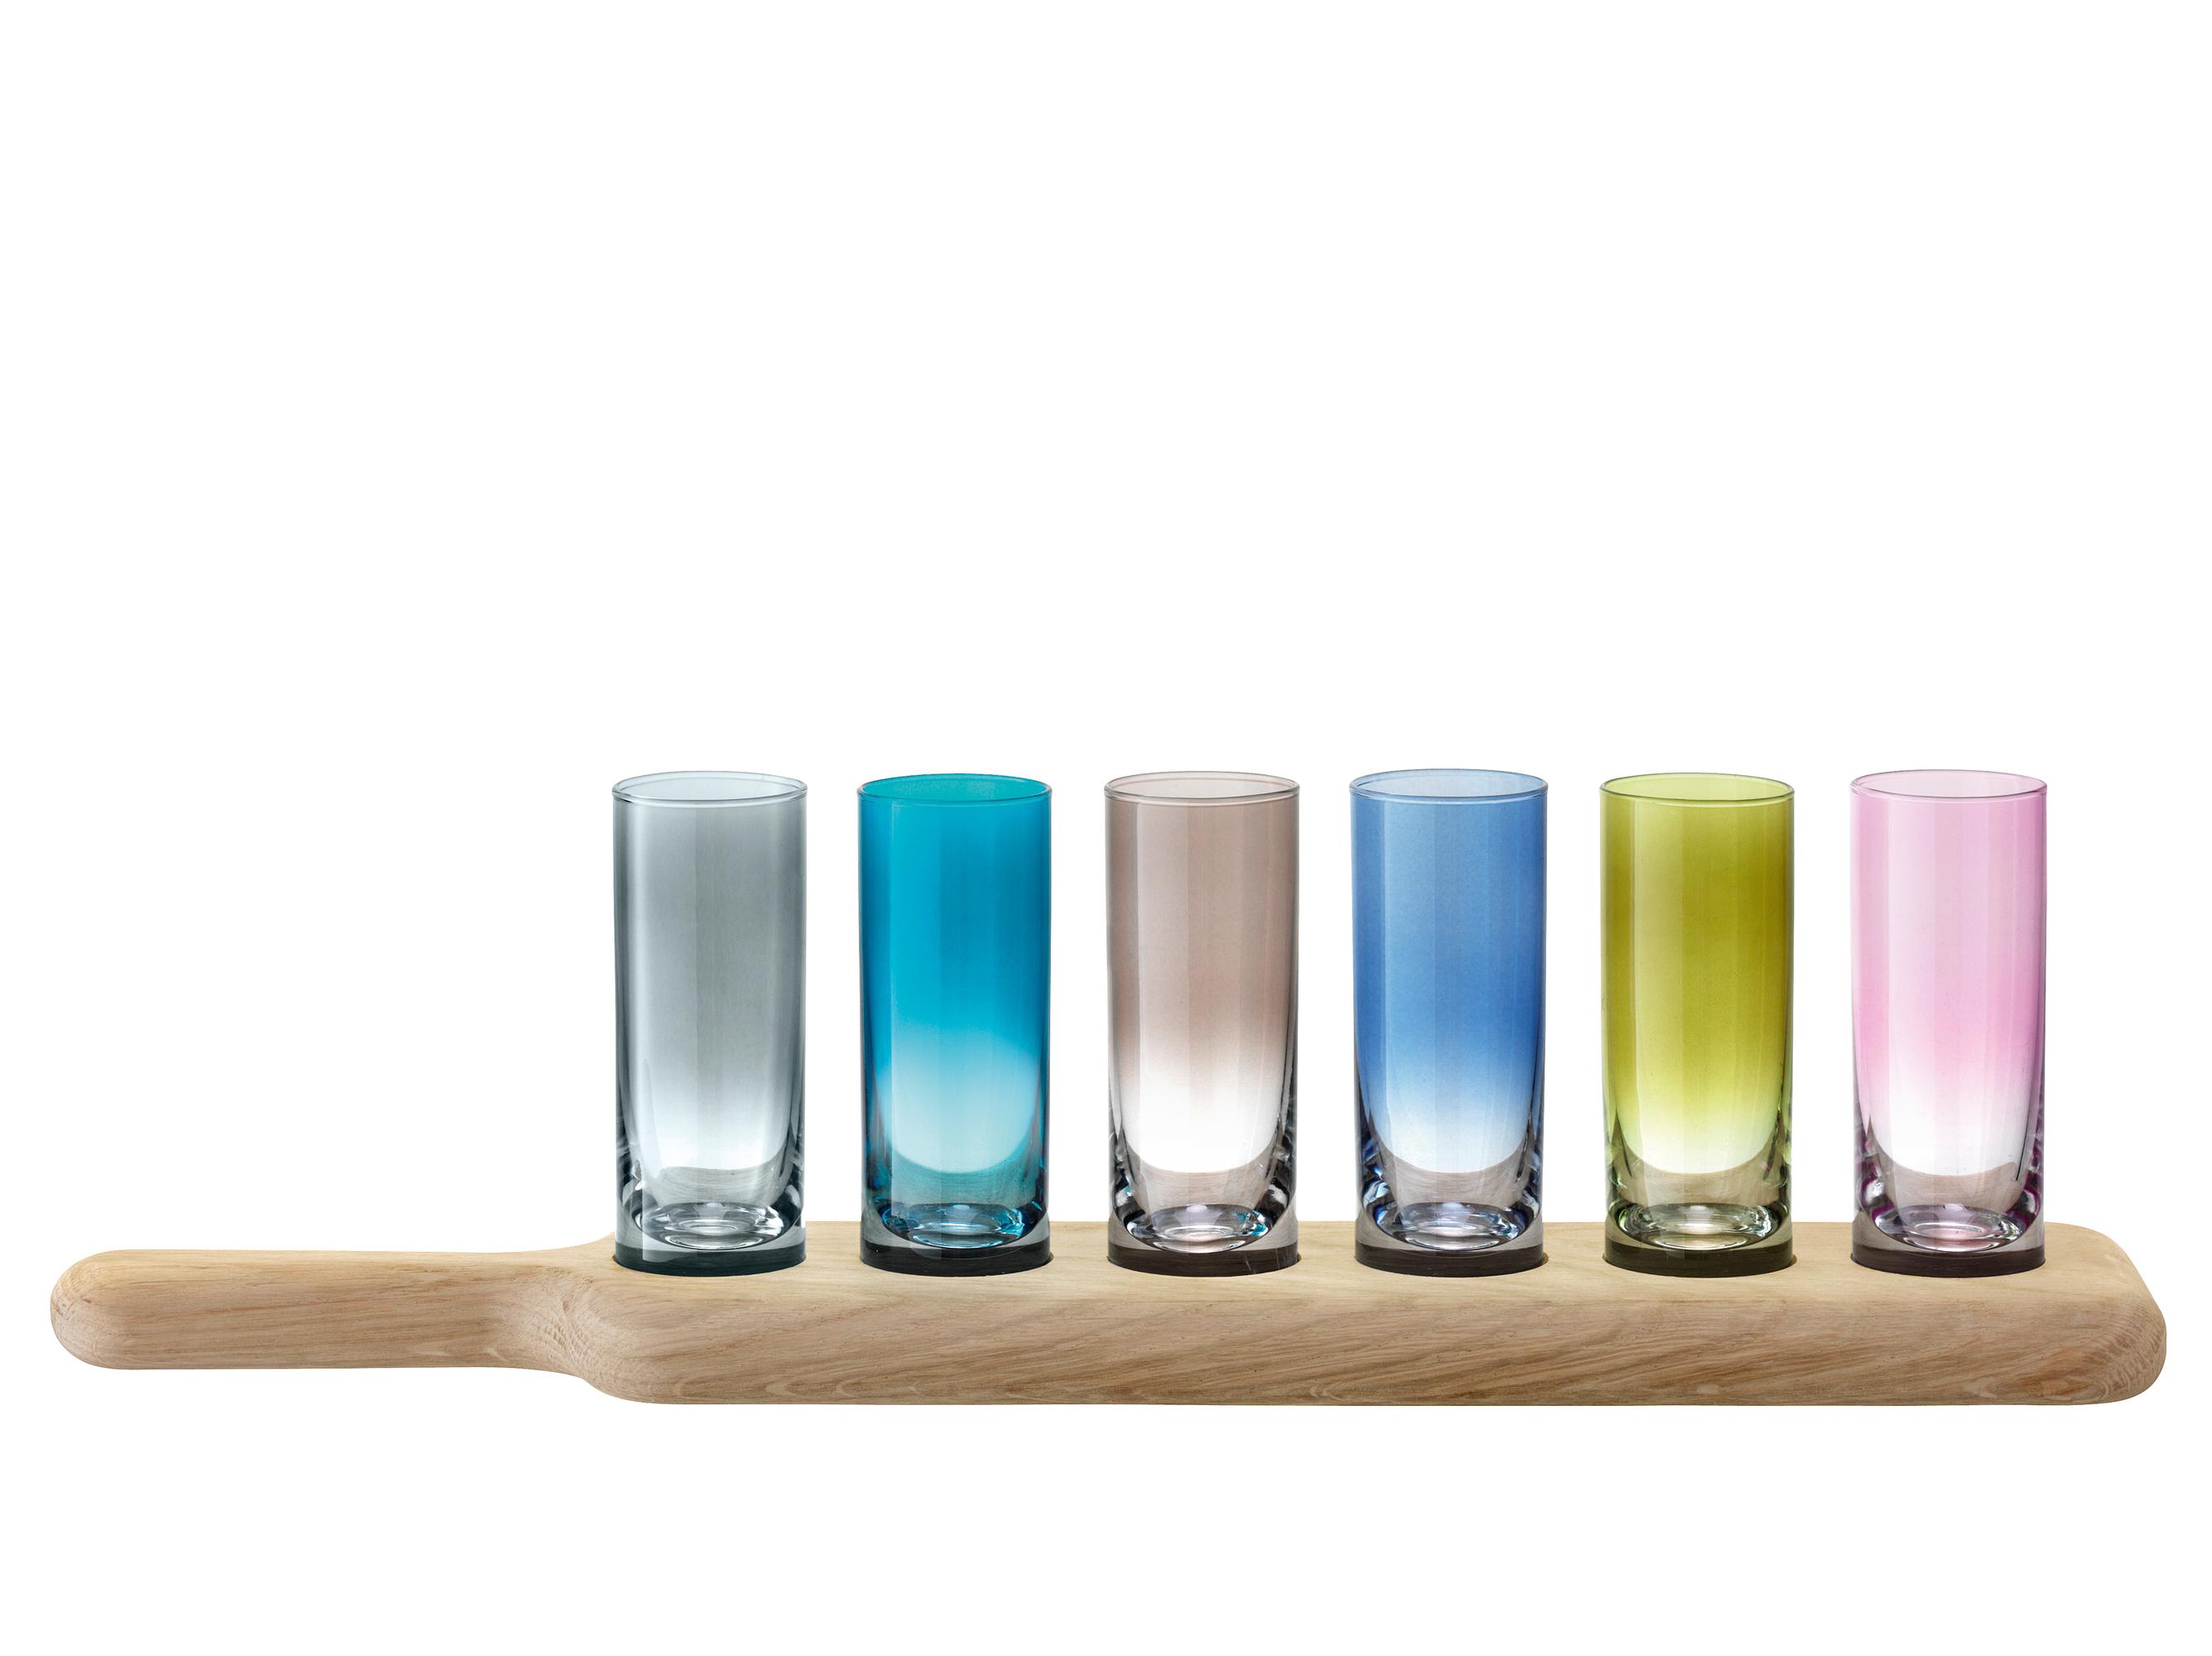 Paddle Wodka Set und Unterteil aus Eiche,  Länge: 40 cm, farblich sortiert